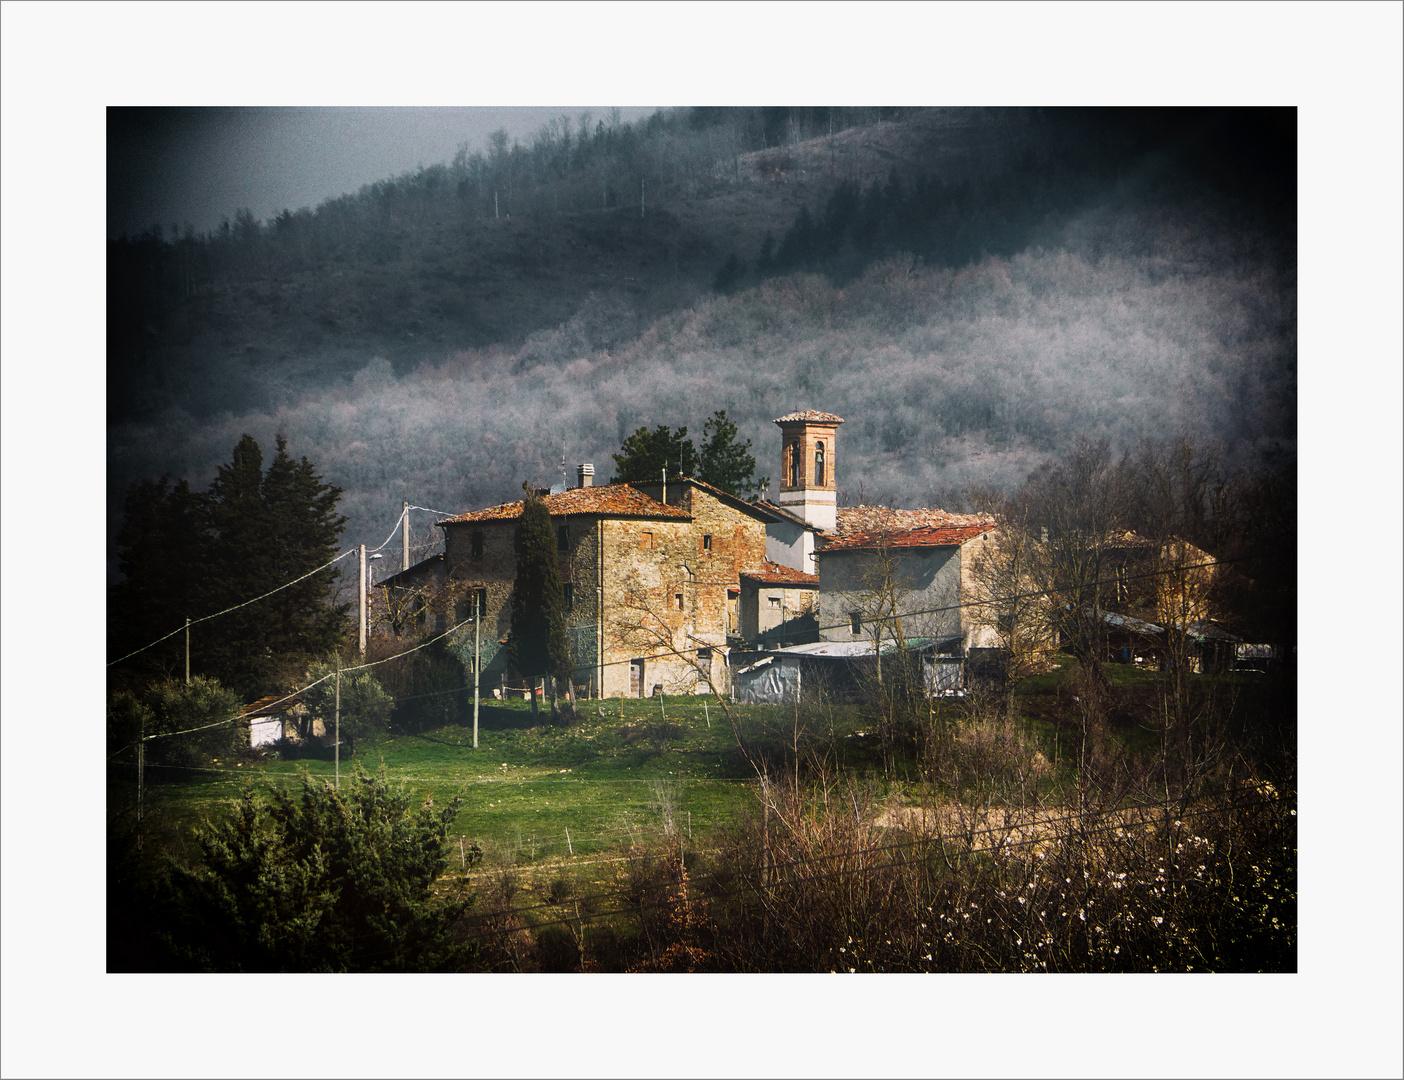 ..la chiesa in cima alla collina...